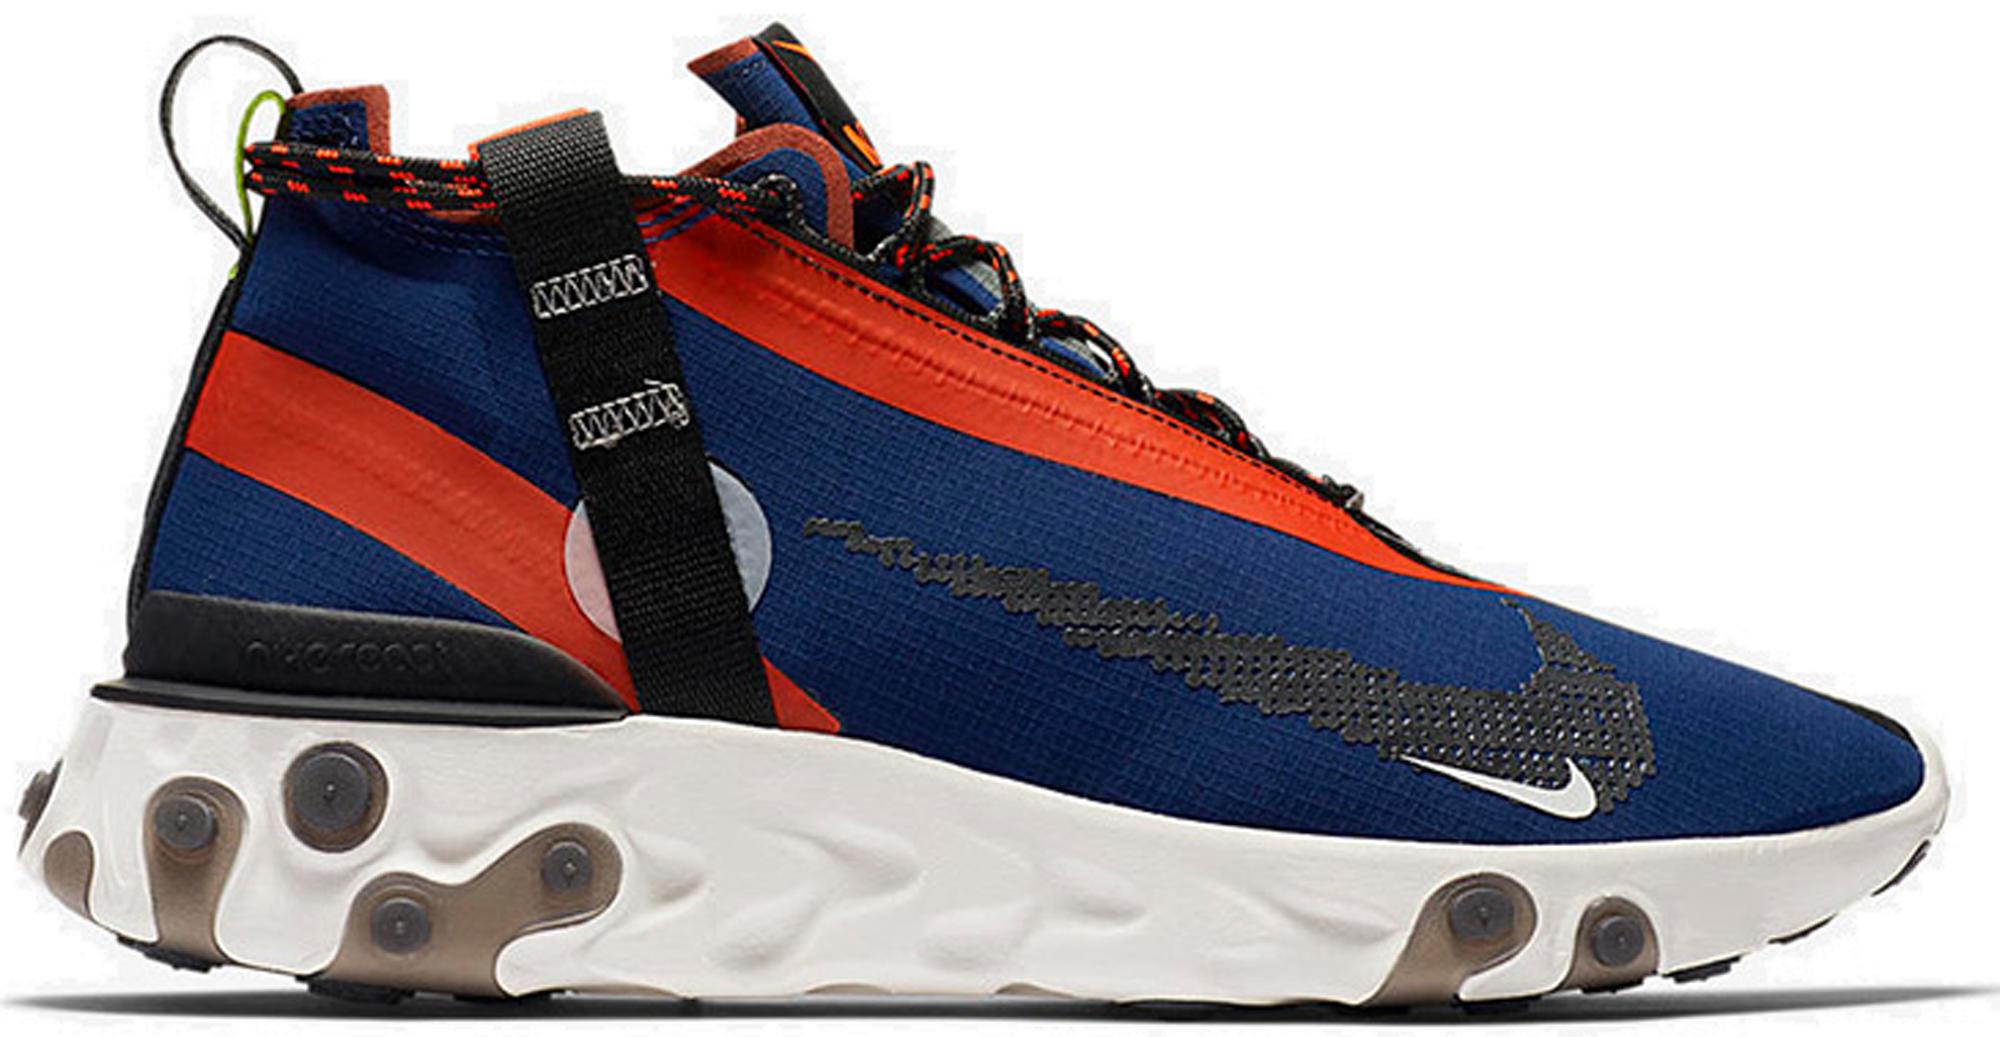 Nike React Runner Mid WR ISPA Blue Void Team Orange